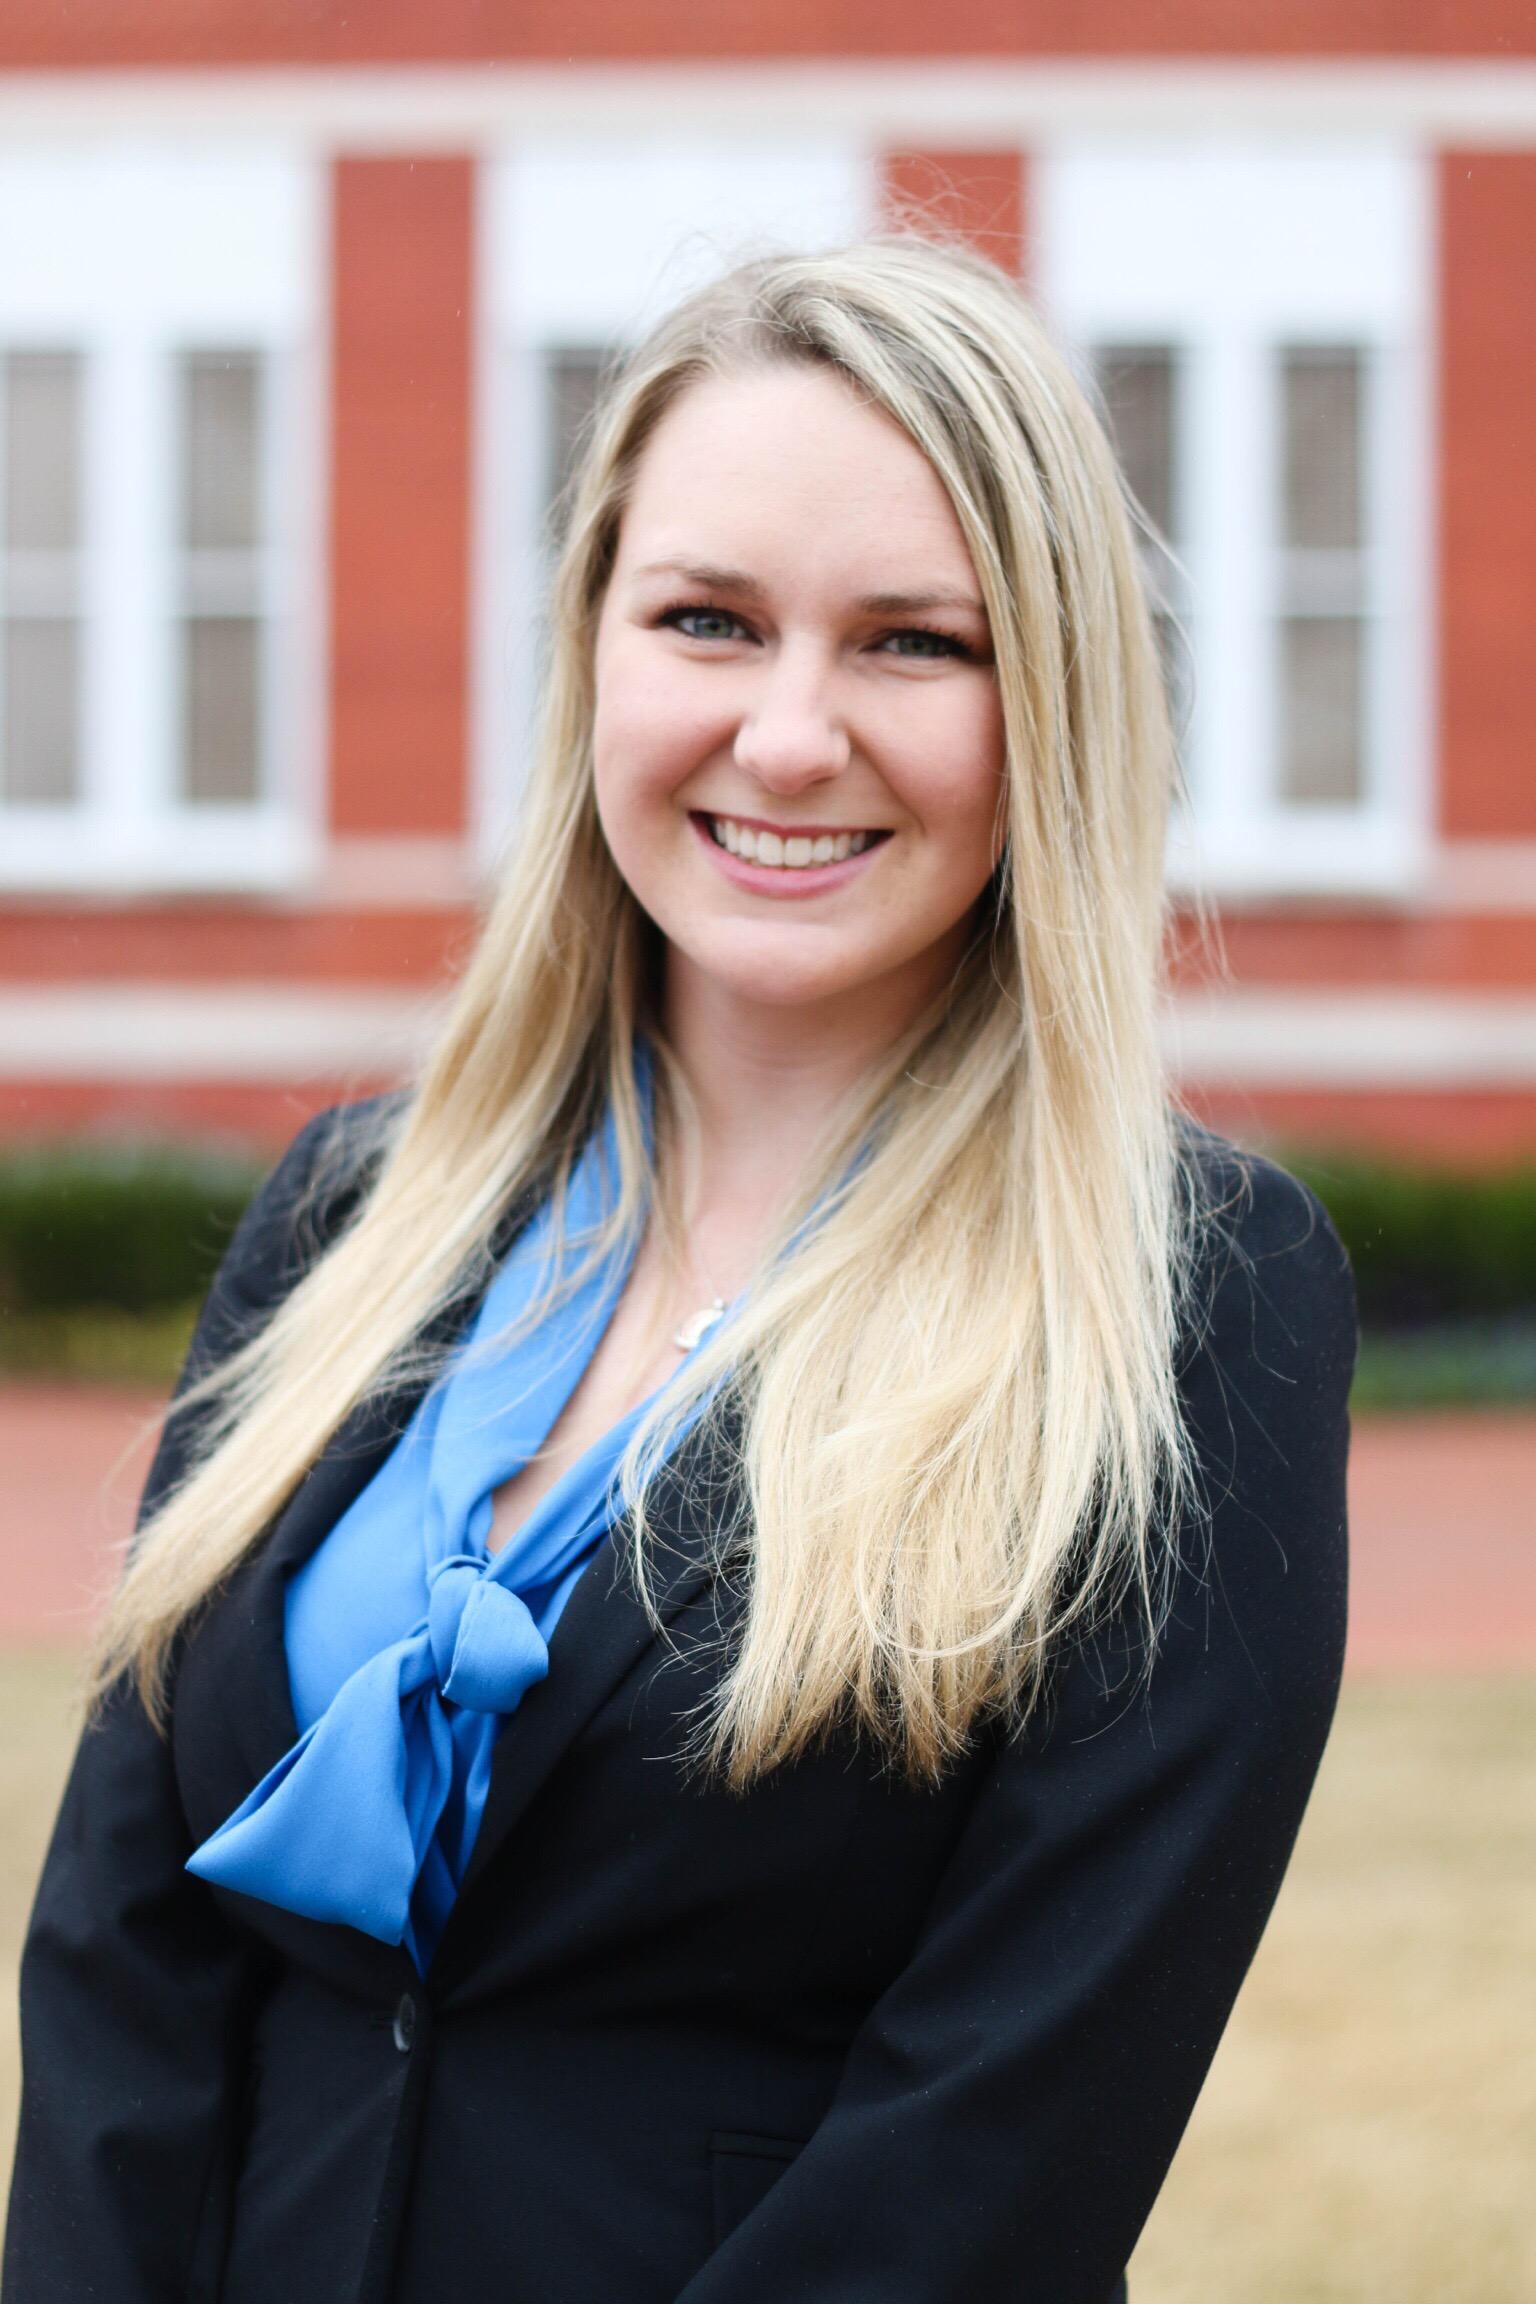 Sarah Templin